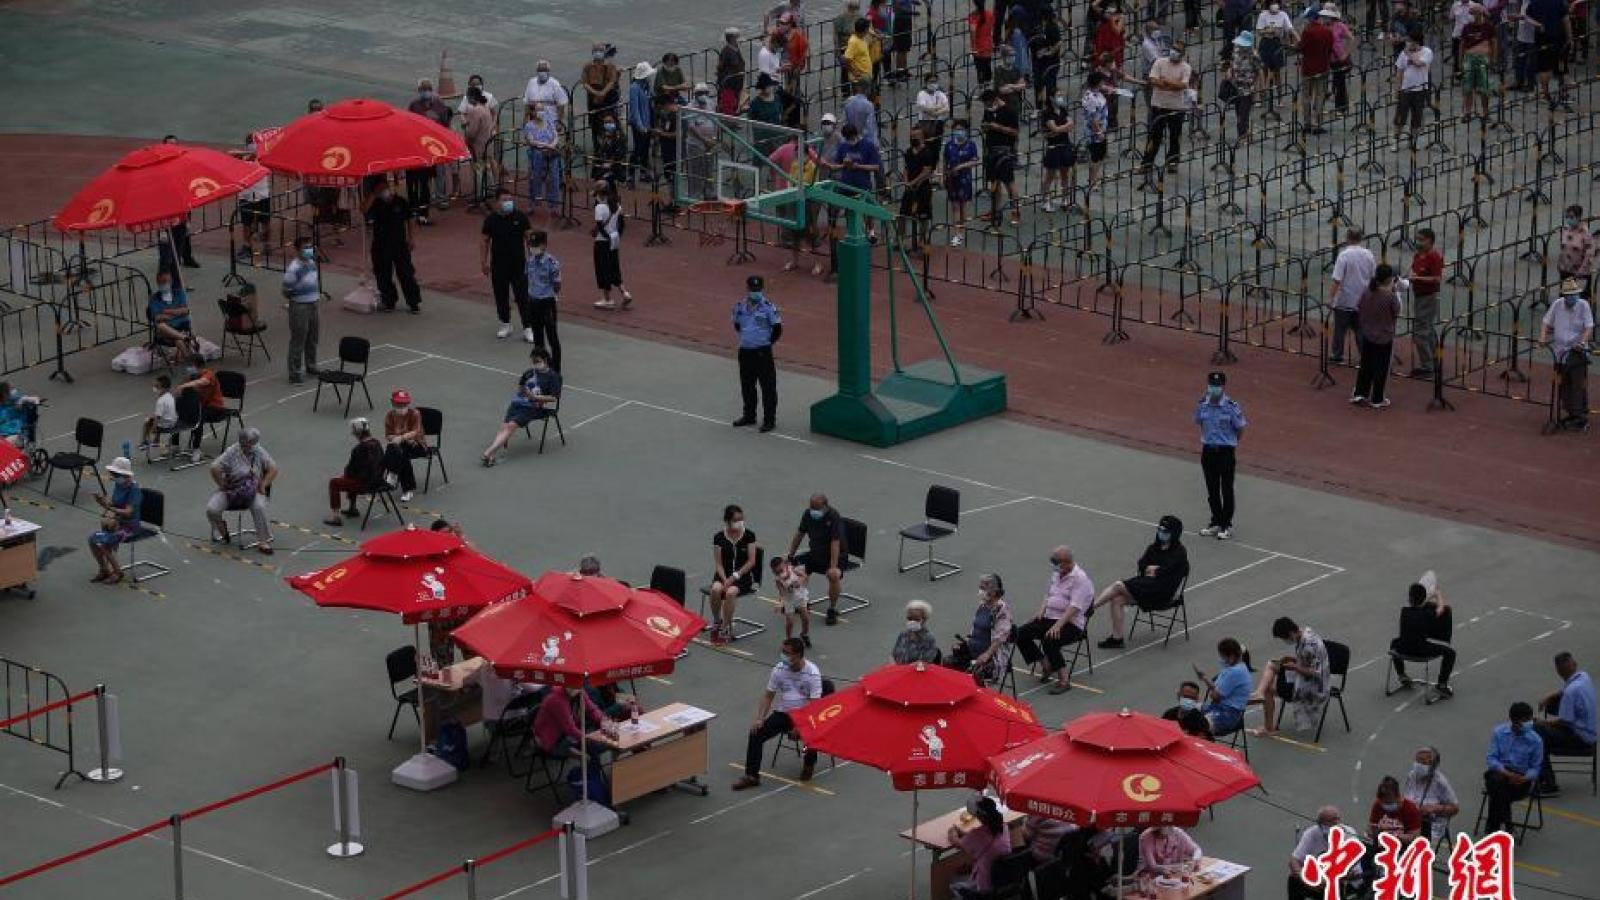 Bắc Kinh (Trung Quốc) xét nghiệm Covid-19 cho hơn 3,2 triệu người